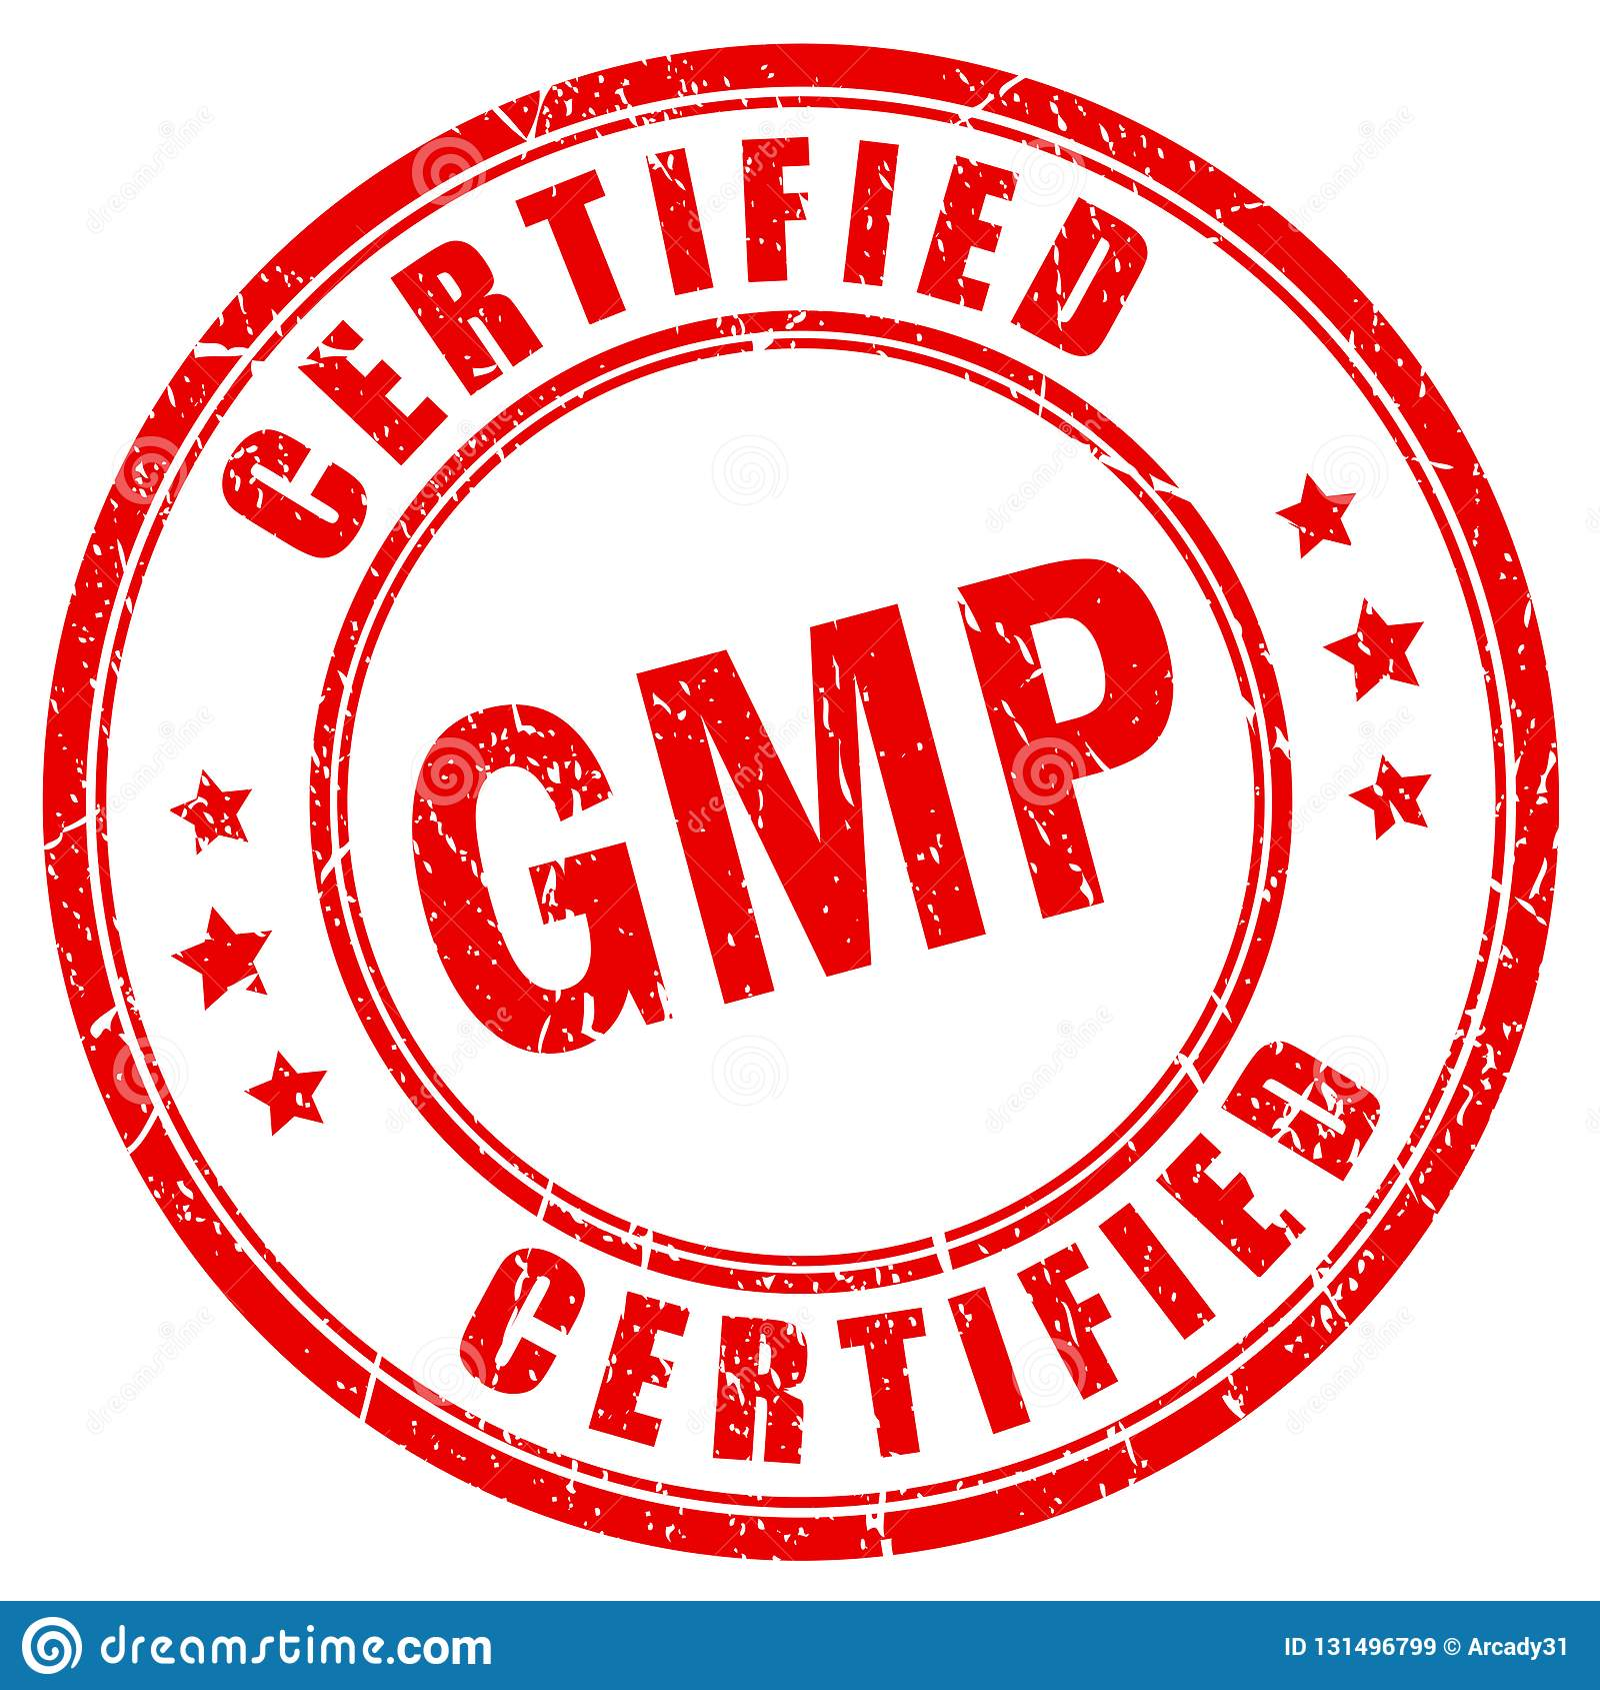 gmp a download